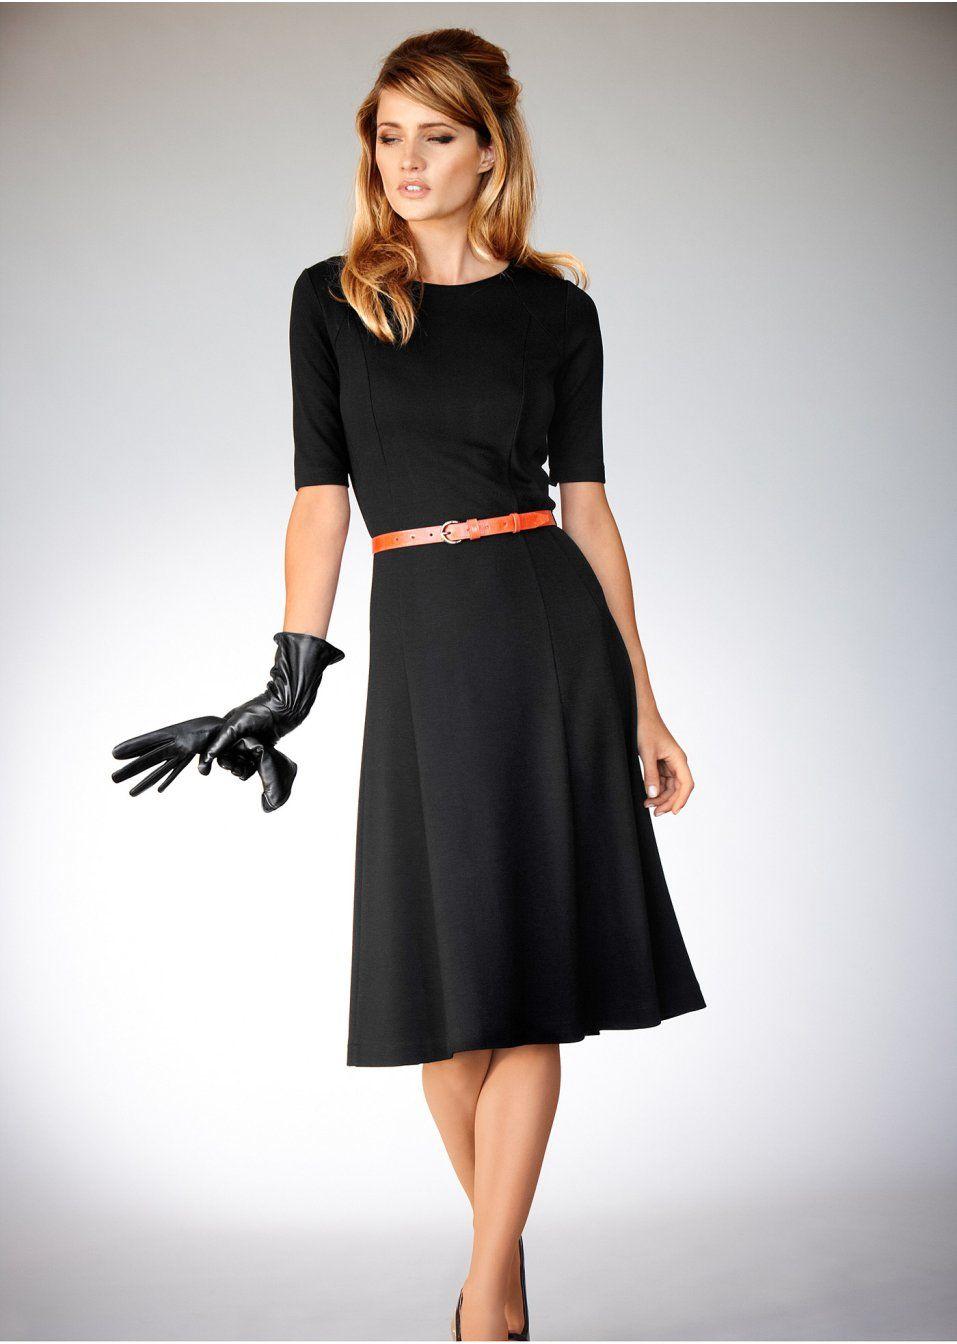 31fb27629 Vestido de malha preto pedir on-line - bonprix.de